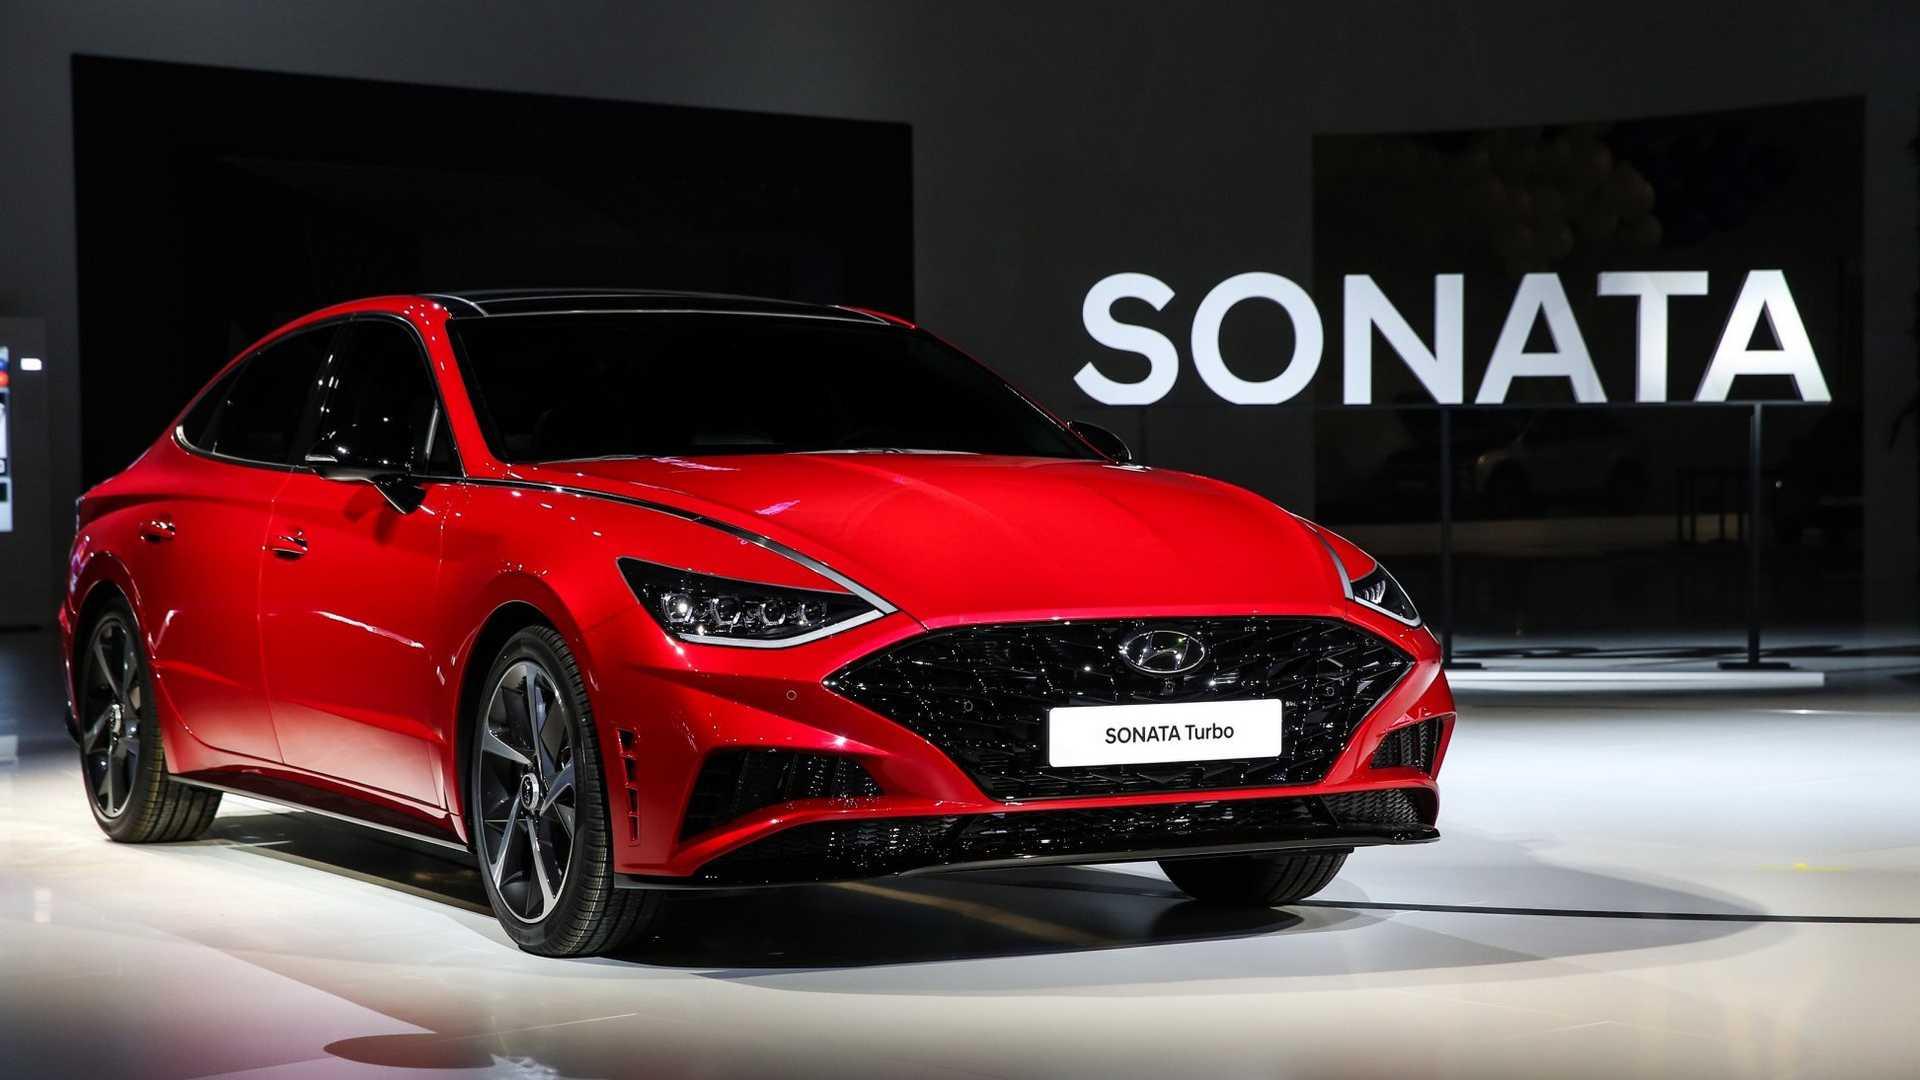 2020-hyundai-sonata-1-6-turbo (1).jpg